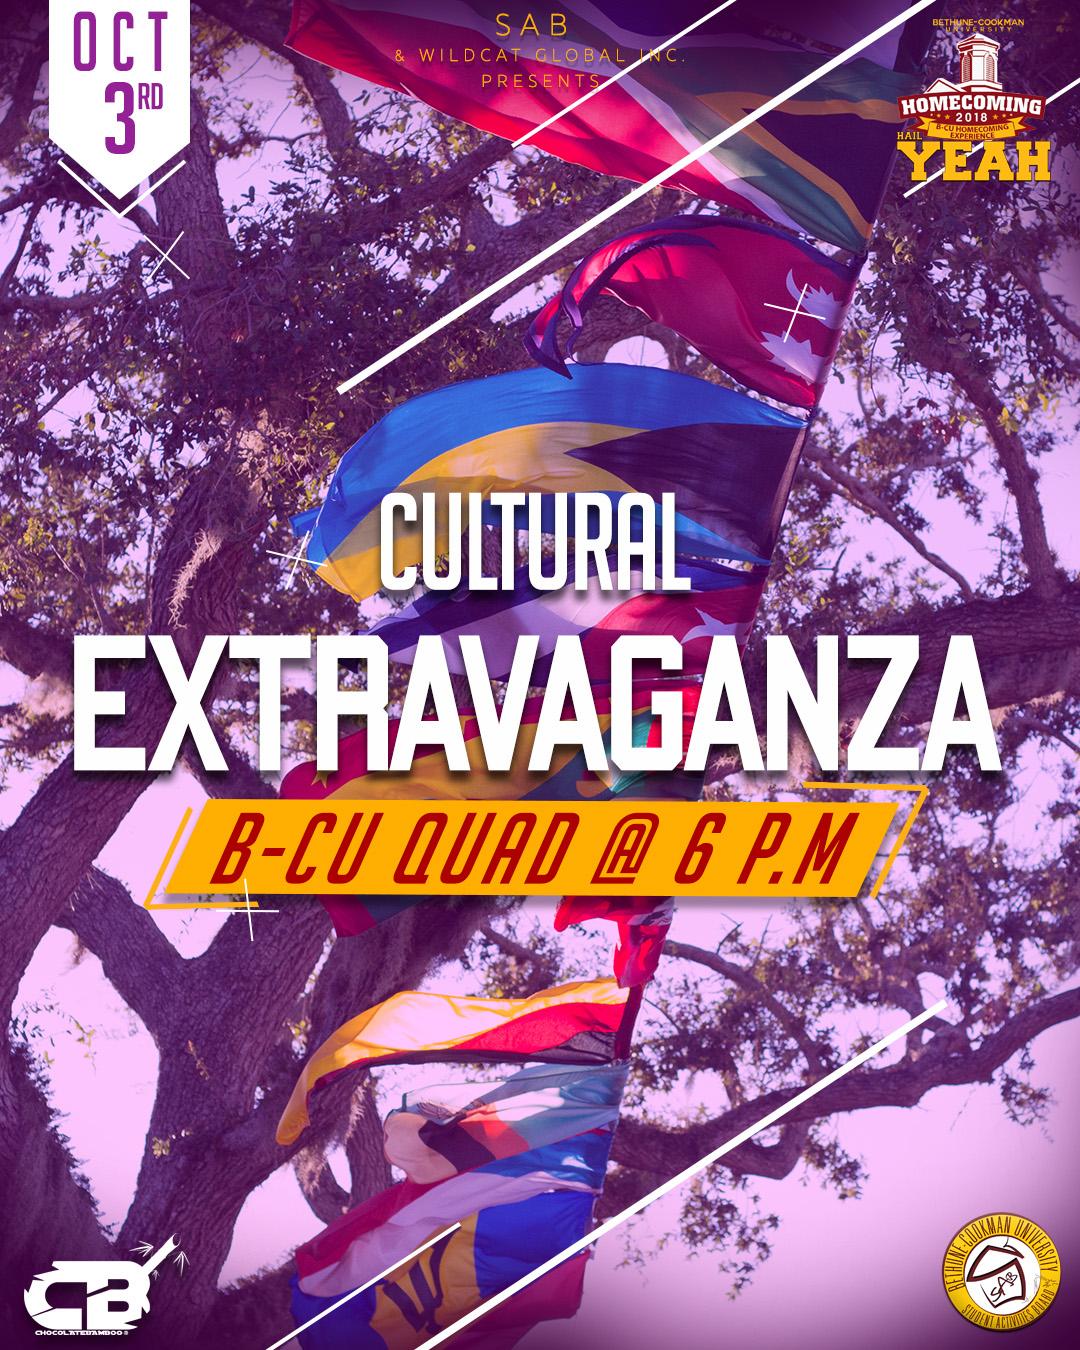 Cultural Extravaganza.jpg